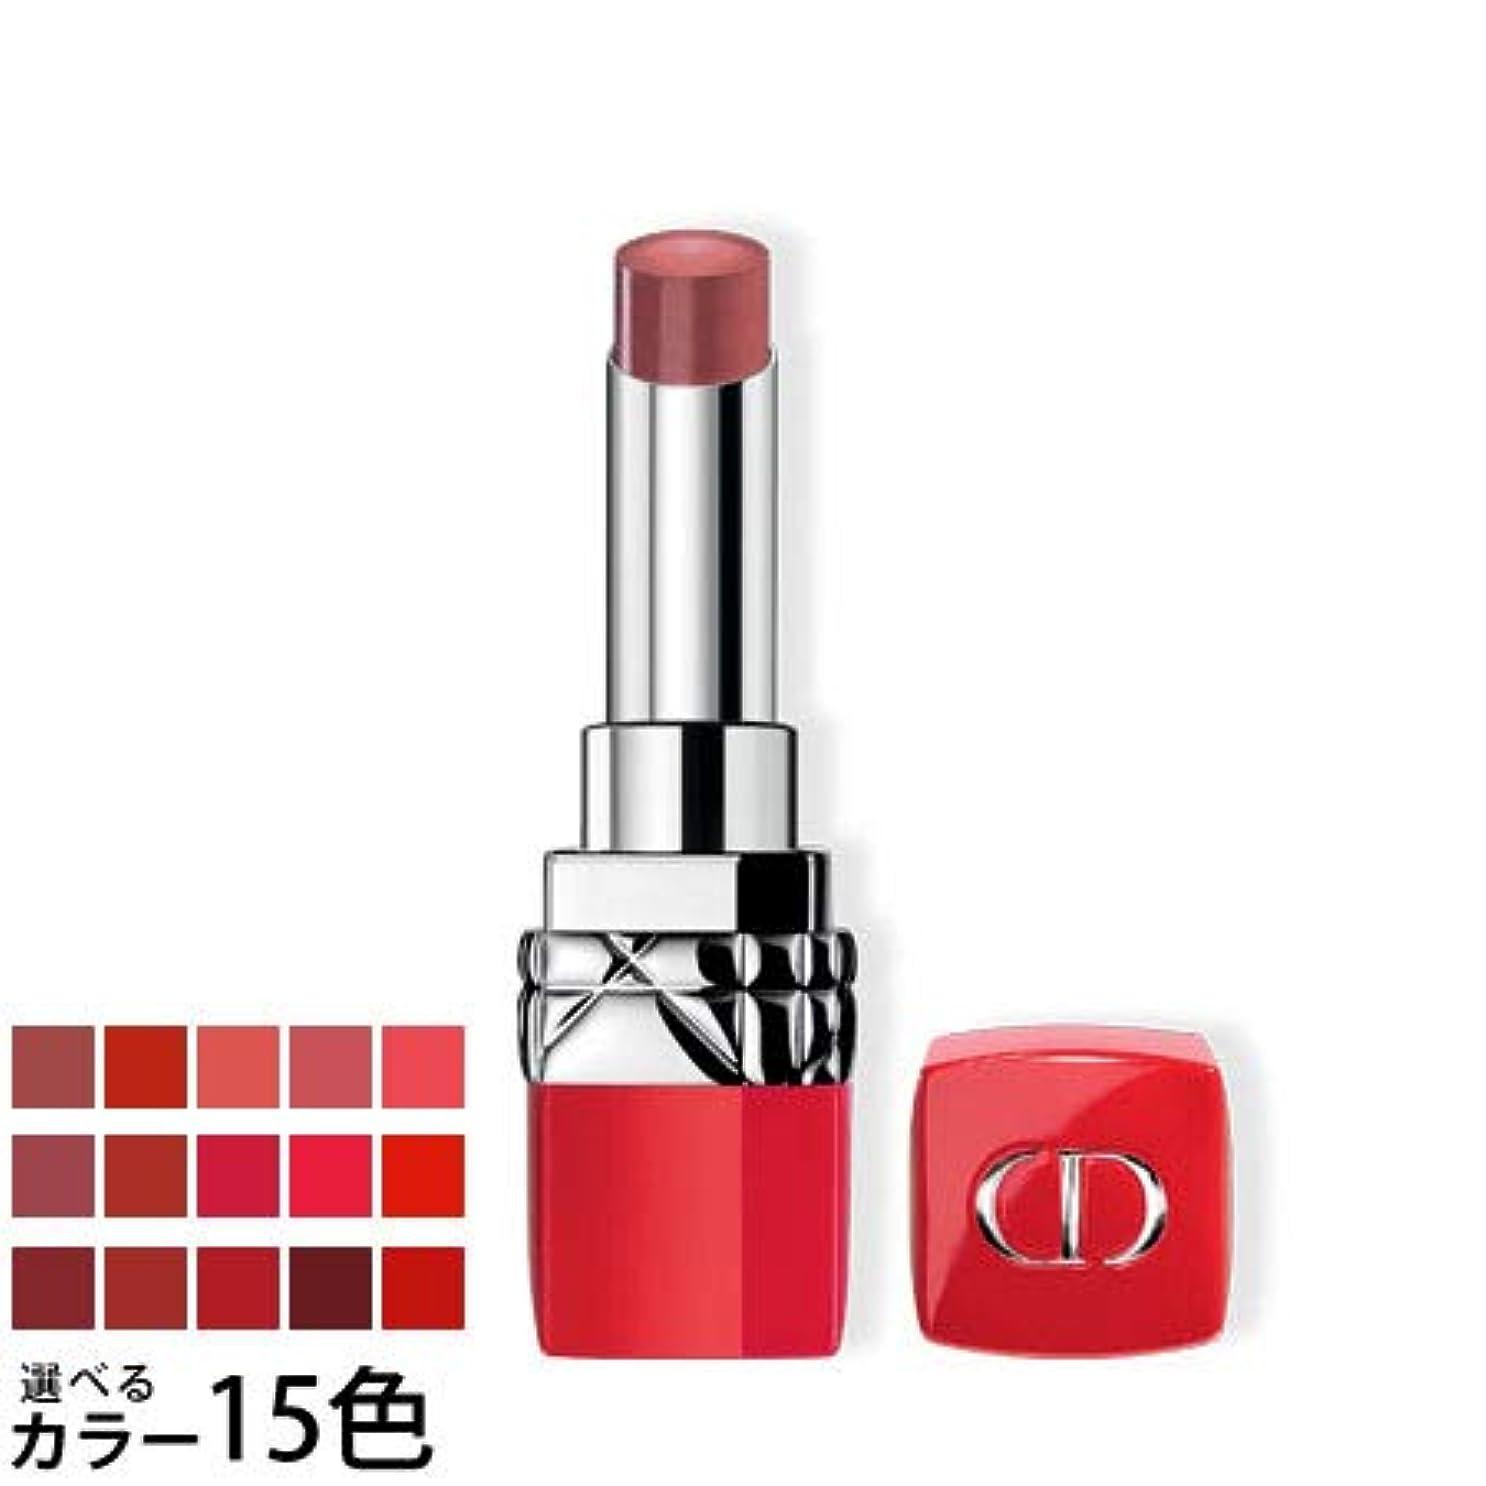 分布有罪気をつけてディオール ルージュ ディオール ウルトラ ルージュ 選べる15色 -Dior- 851